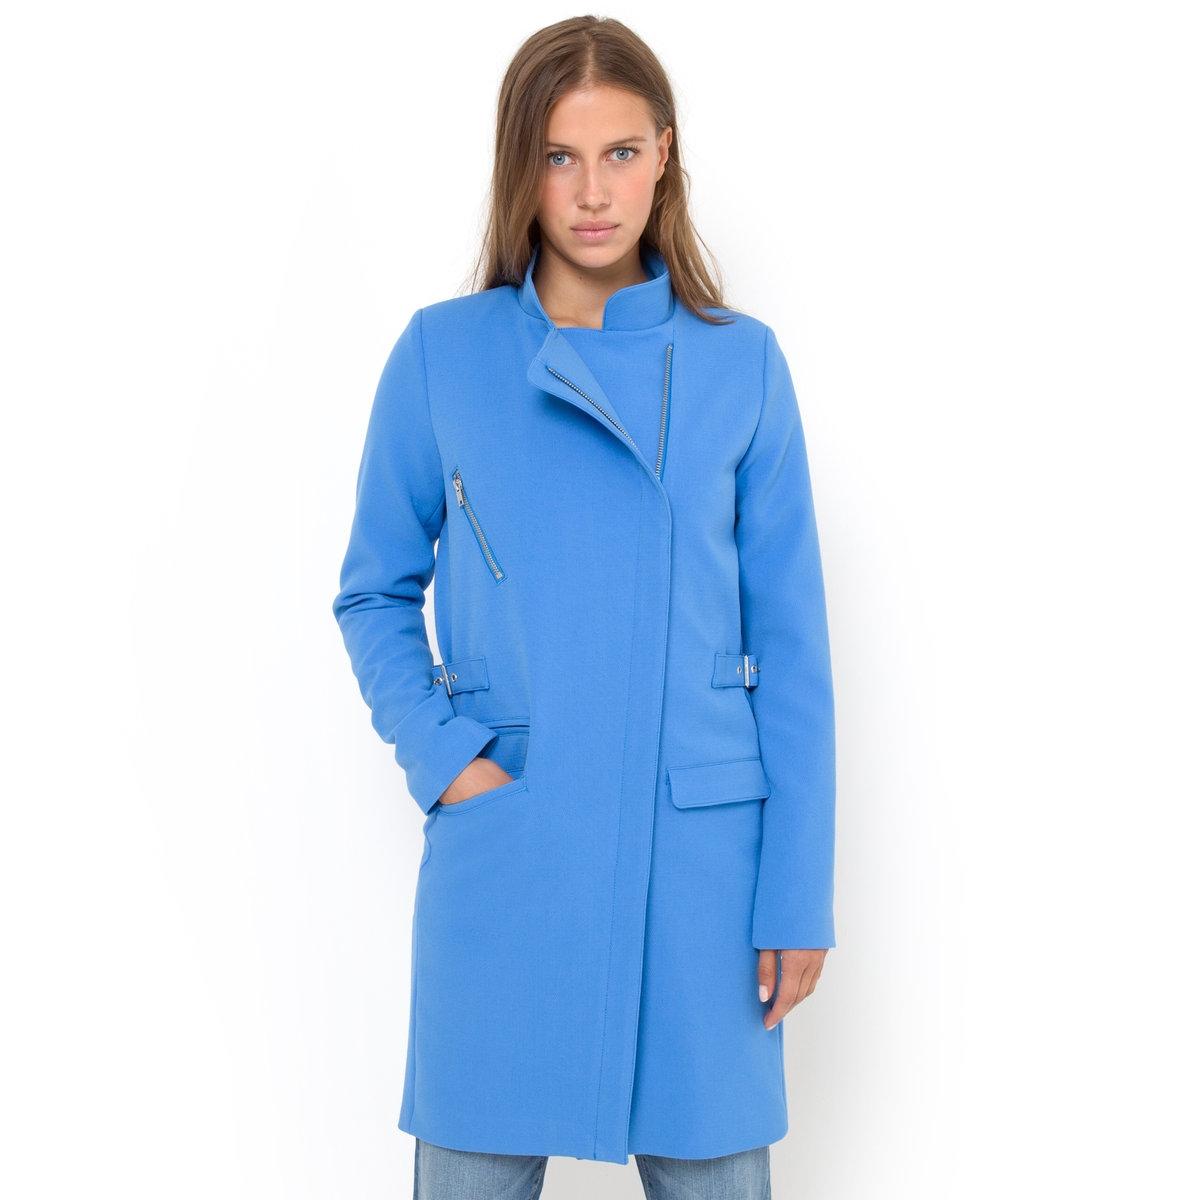 Пальто на молнии2 планки с пряжками на поясе. Складка сзади.Длина 90 см.<br><br>Цвет: синий